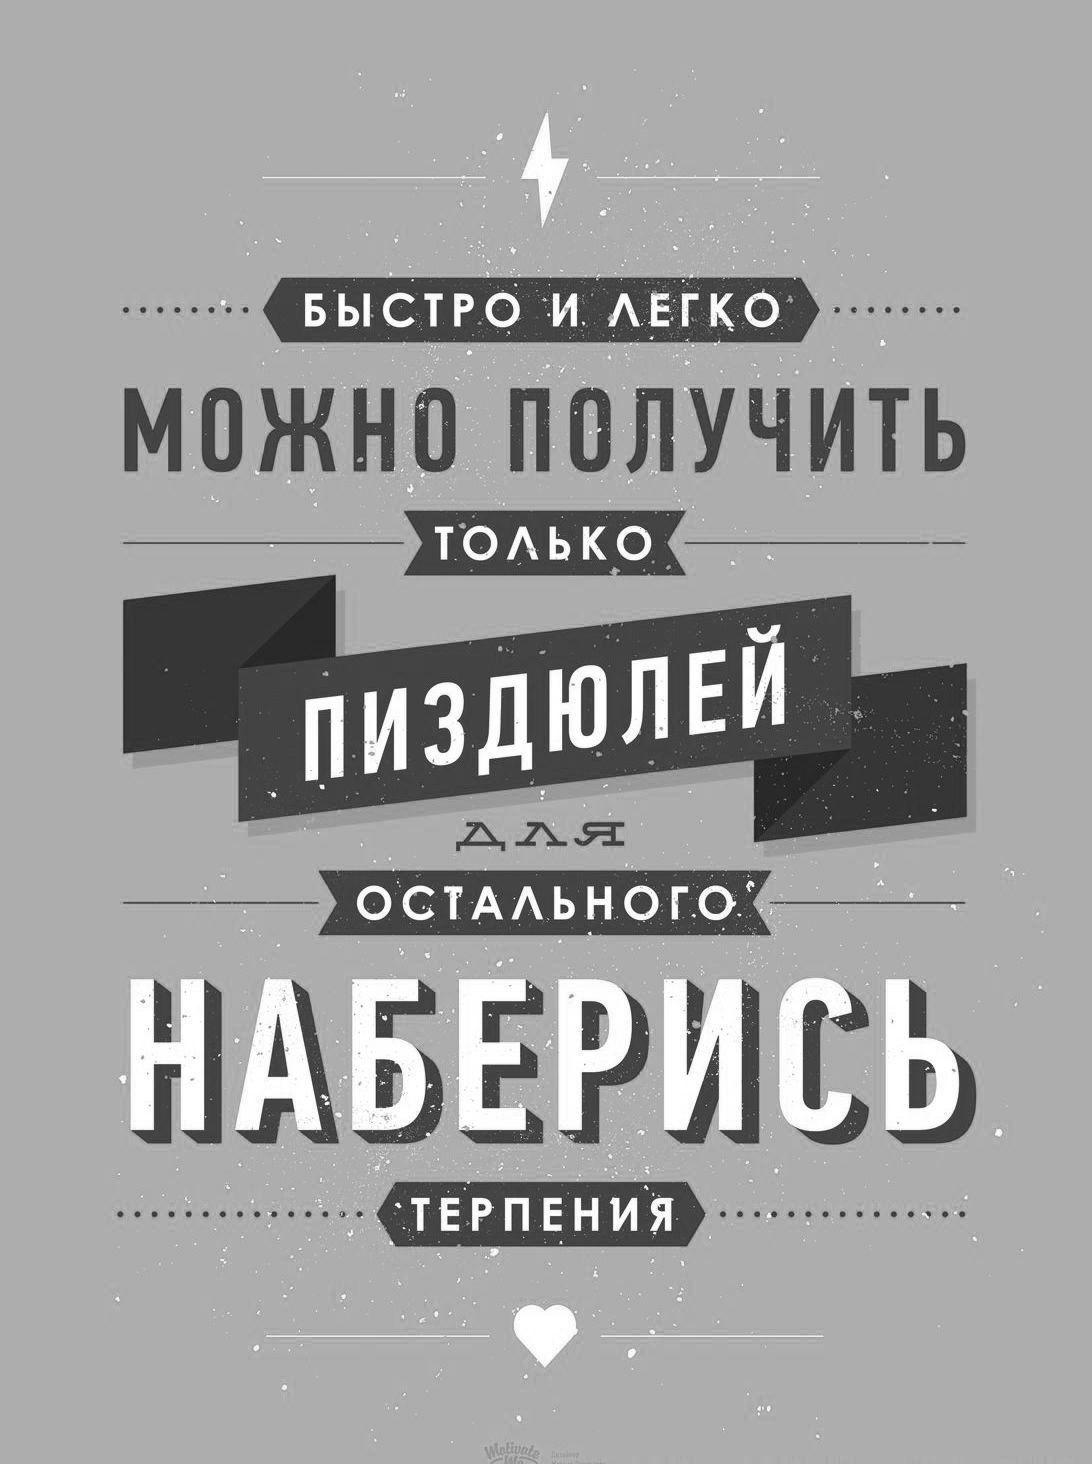 9TMGy_croper_ru